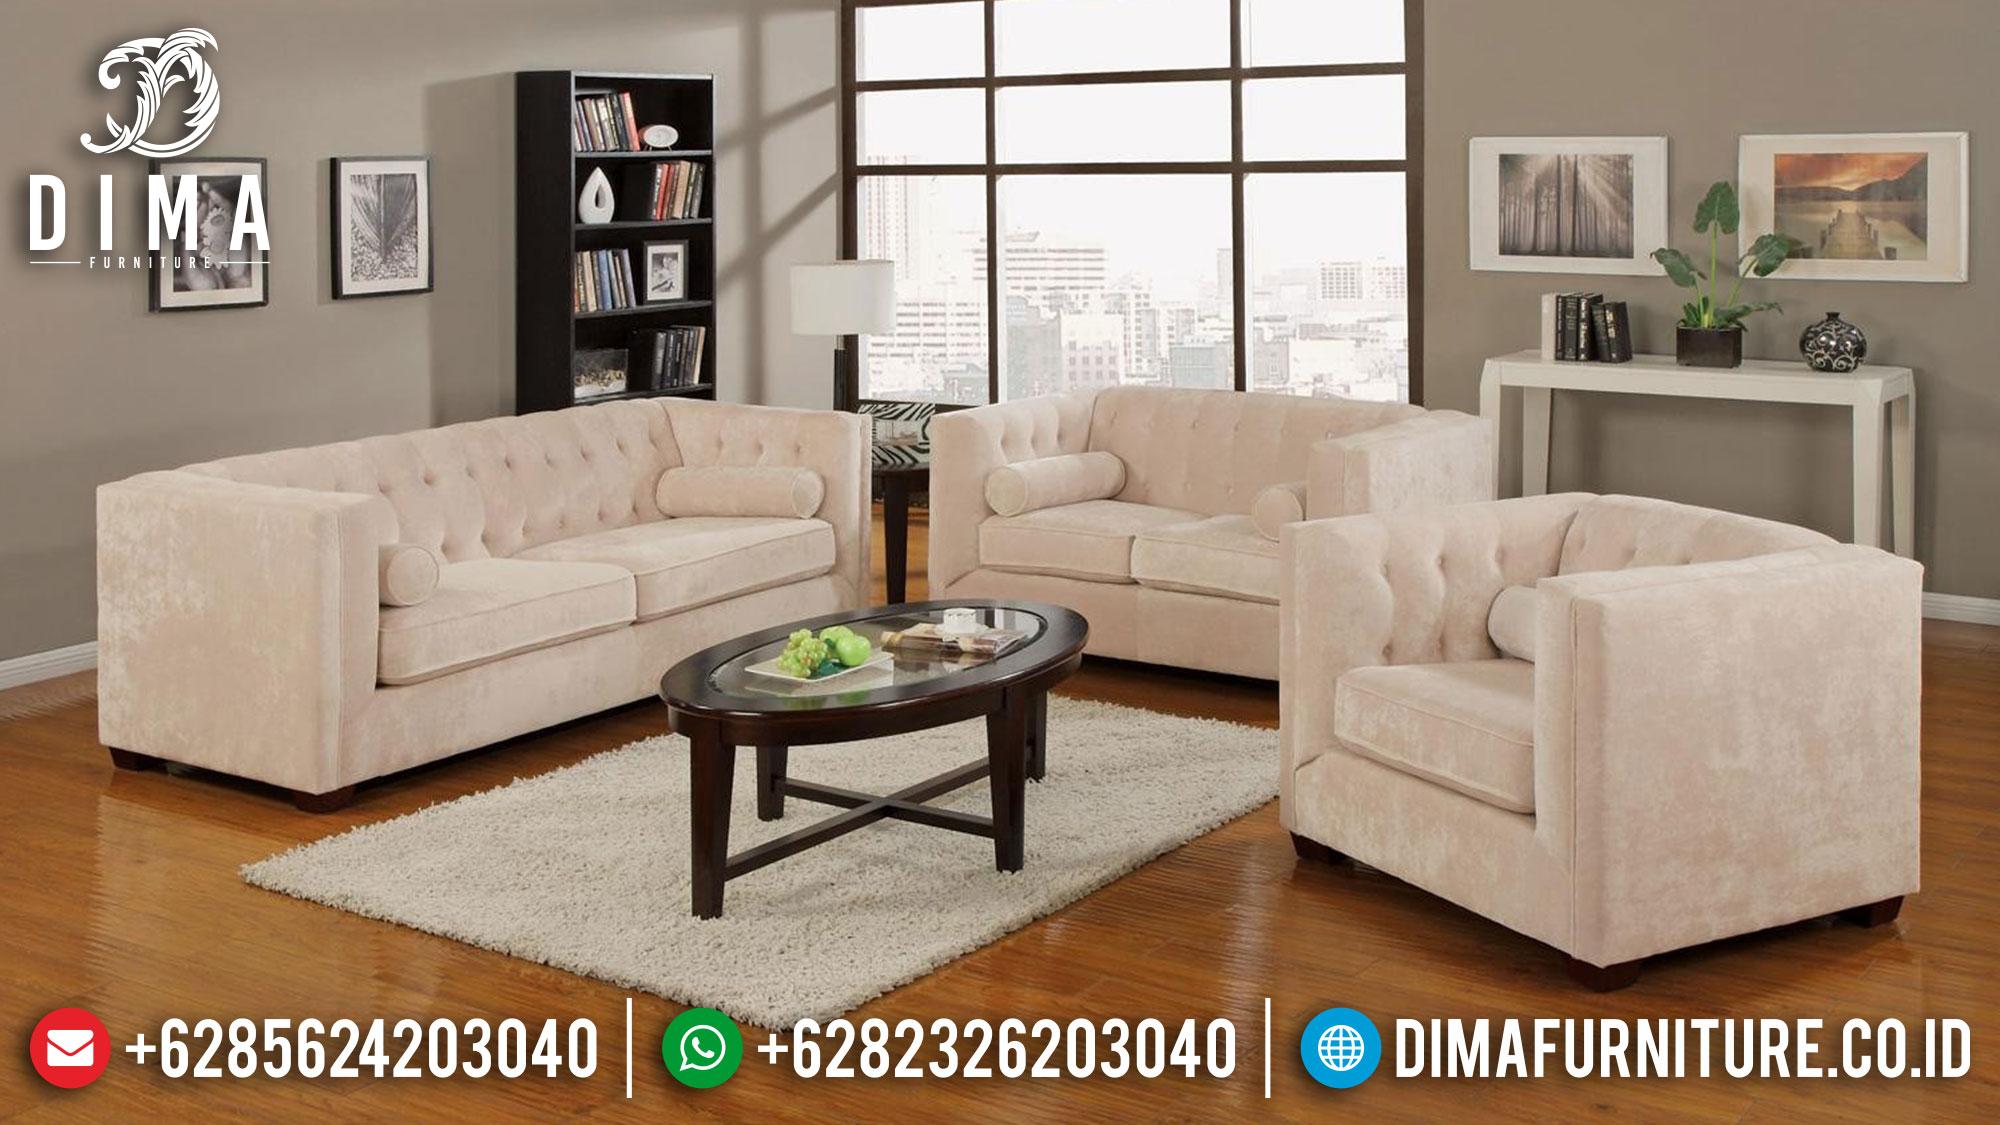 Sofa Tamu Minimalis Elegant, Sofa Tamu Jepara Simple Design Furniture Jepara Mm-0889